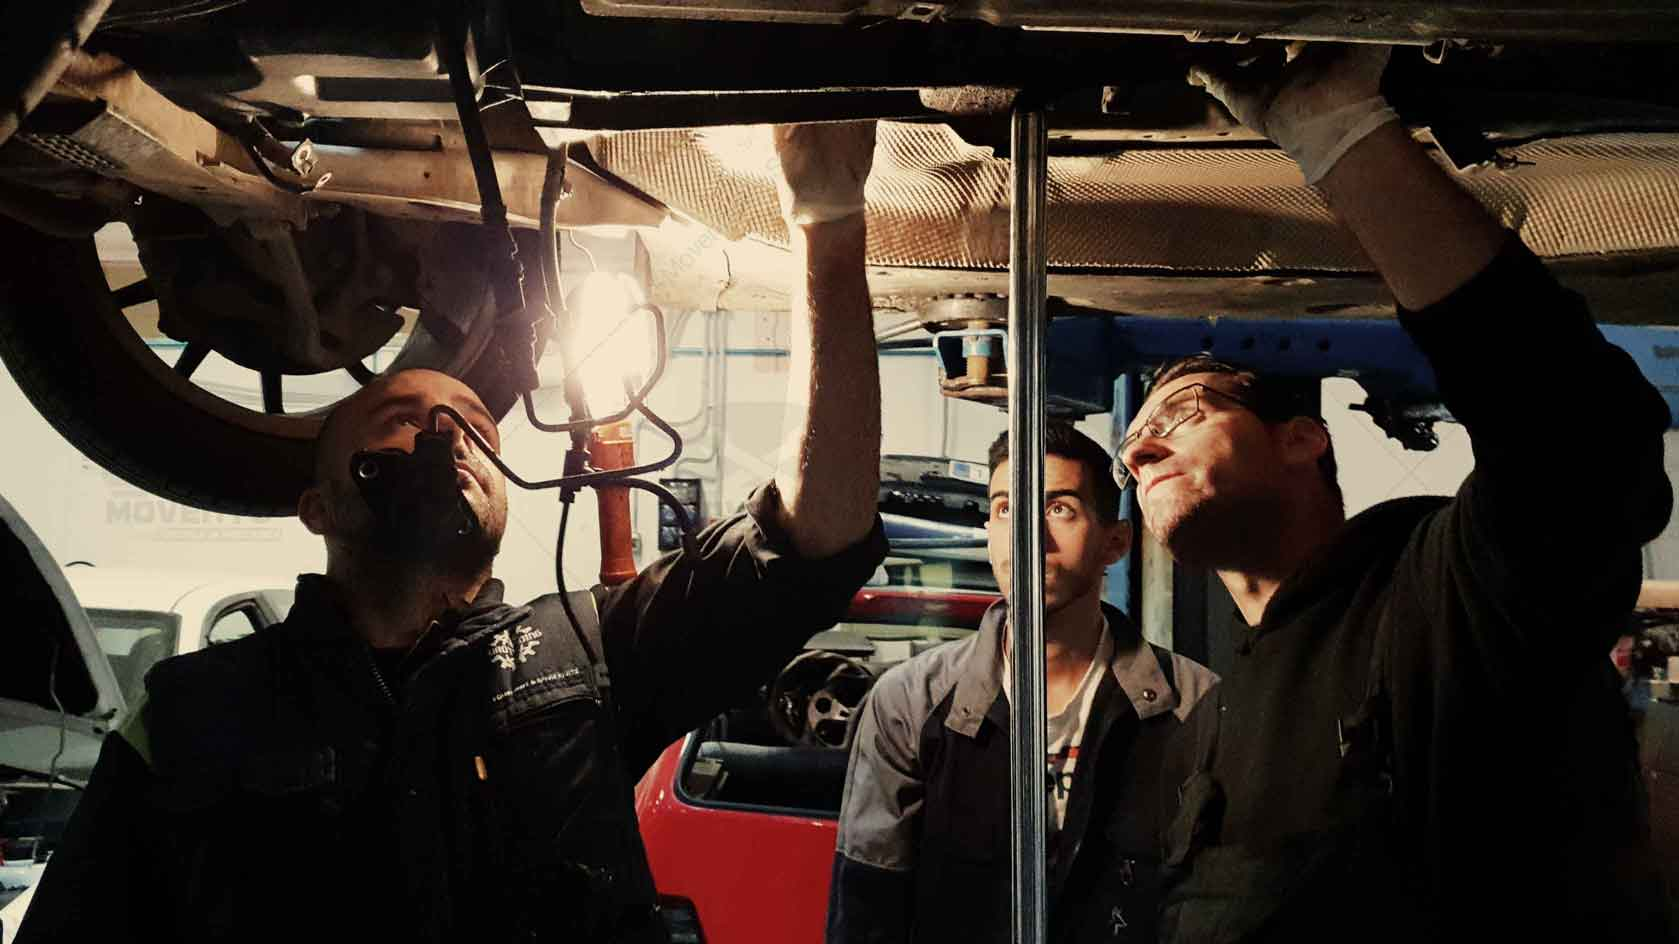 corso meccanico cagliari sassari olbia oristano iglesias nuoro meccanico qualifica abilitazione esperto